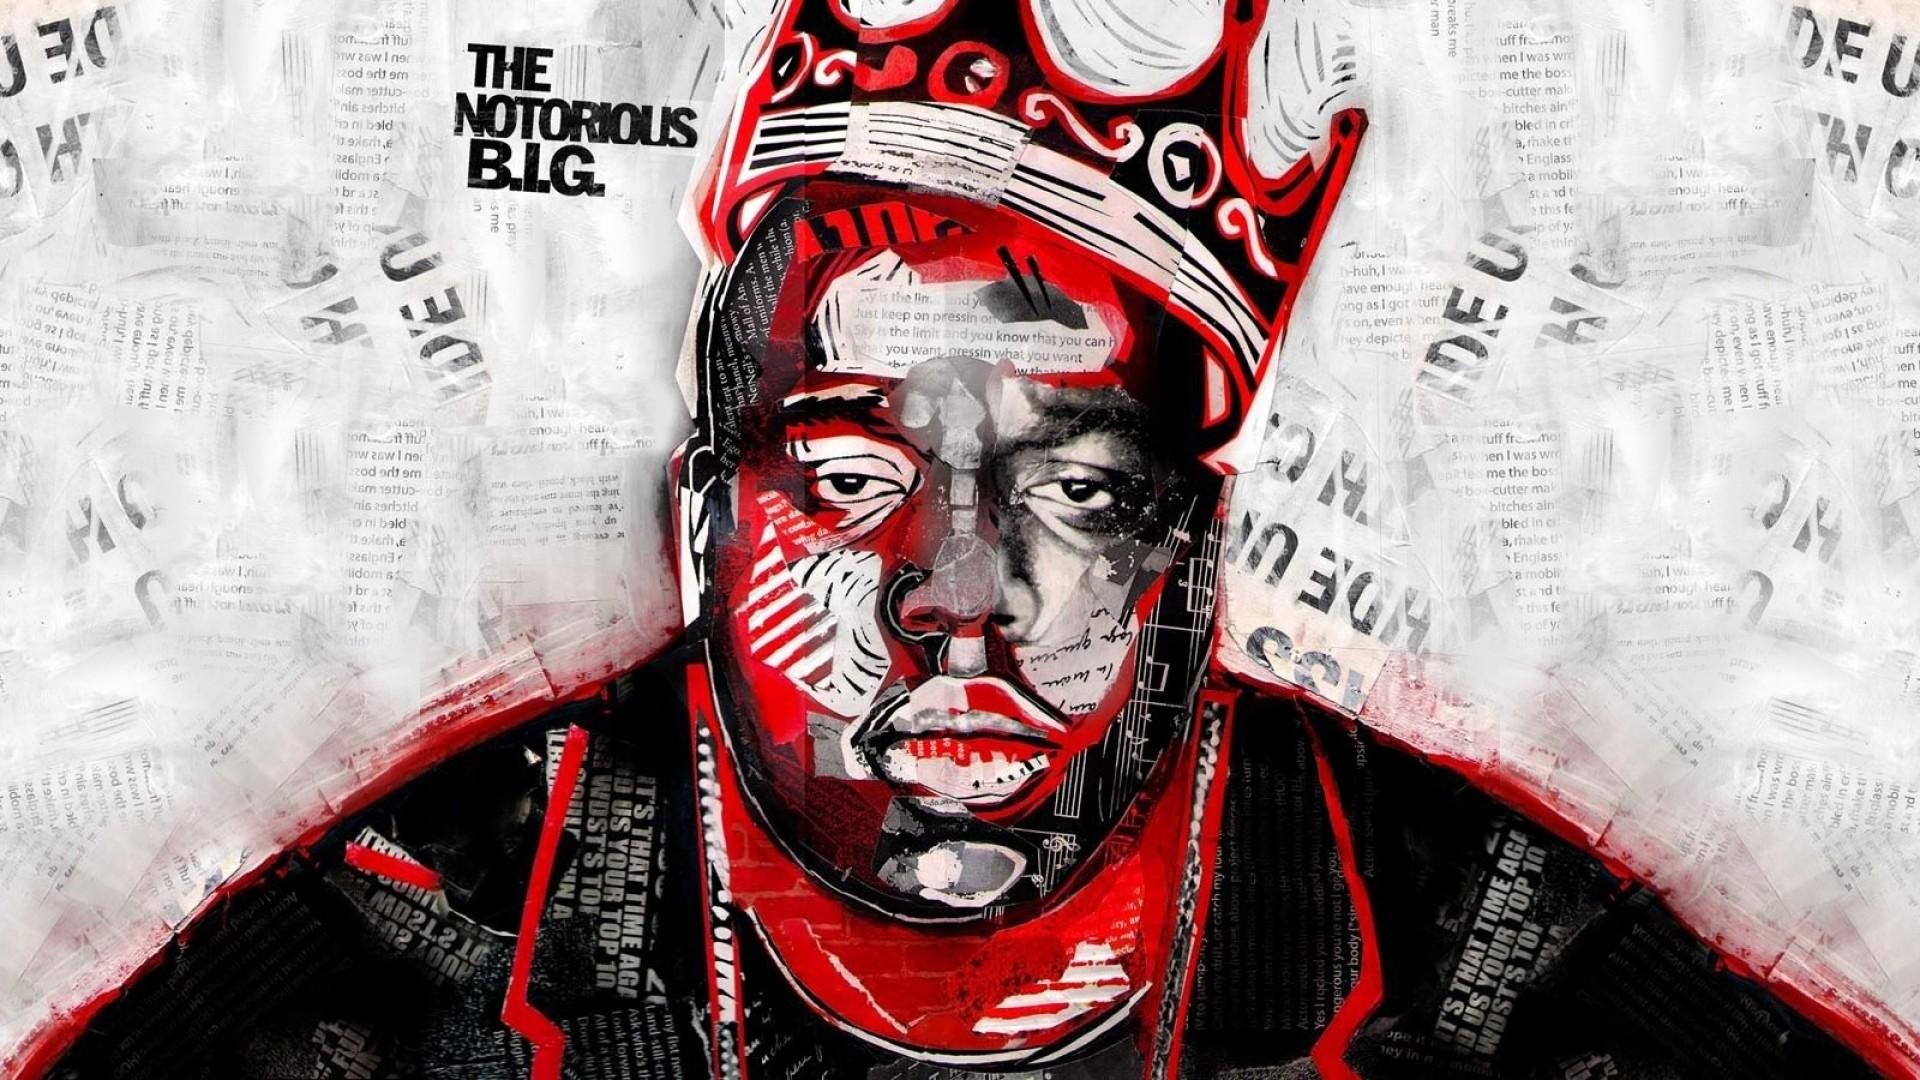 black music hip hop rap notorious big rapper 1600×900 wallpaper Art HD  Wallpaper